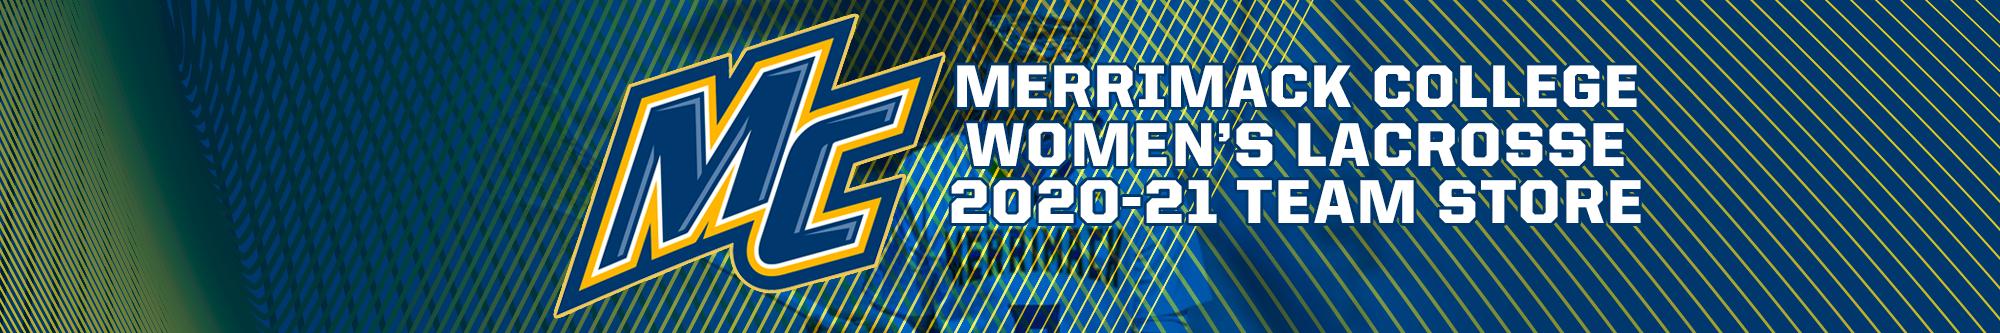 merrimack-womens-lax-equipment-store